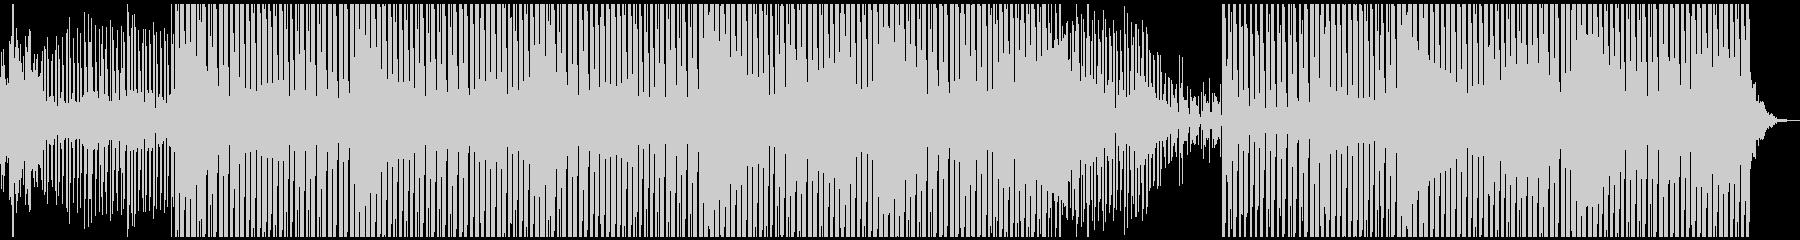 ファンキーでセクシーさのある神秘的音楽の未再生の波形